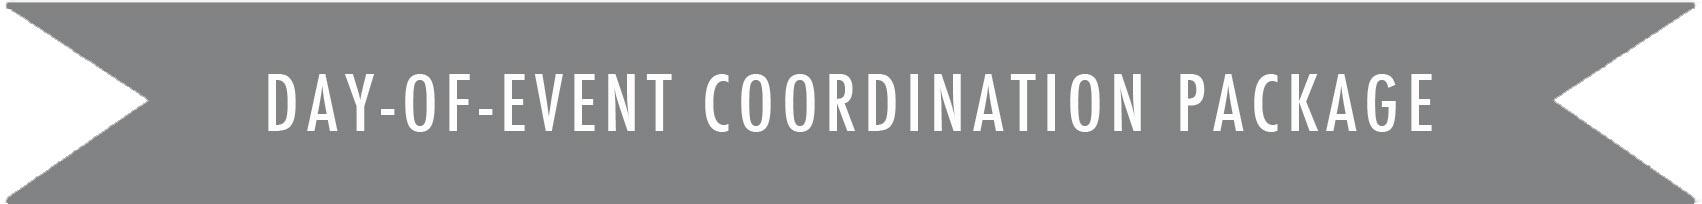 DayofEventCoordinationPackage-Banner.jpg